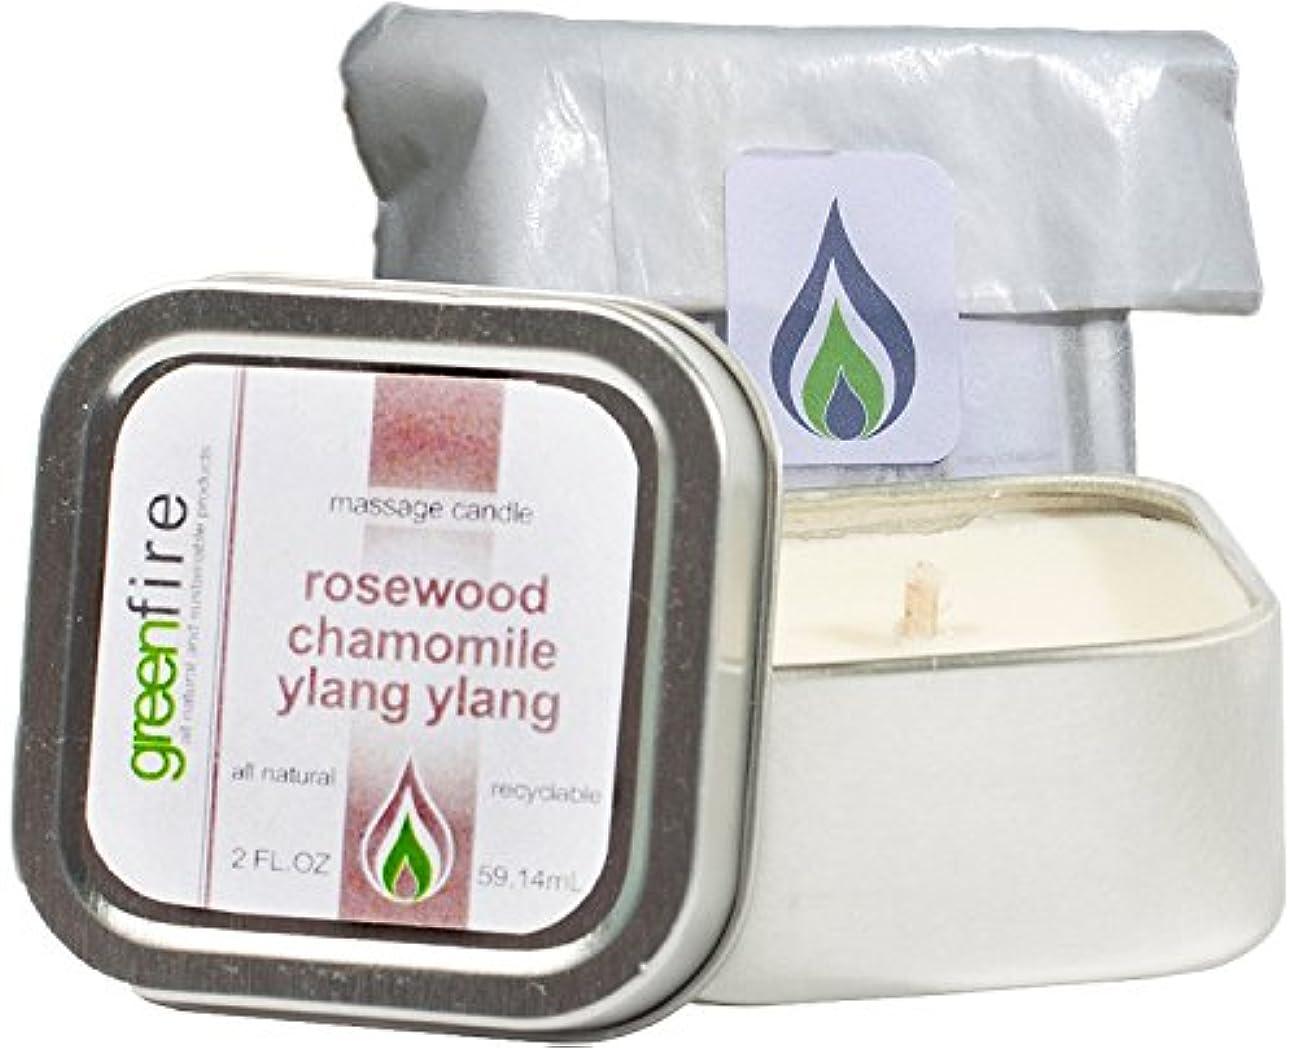 人間調停する調整グリーンファイヤーマッサージキャンドル ローズウッド?カモミール?イランイランの香り(サイズ:59.1mL)